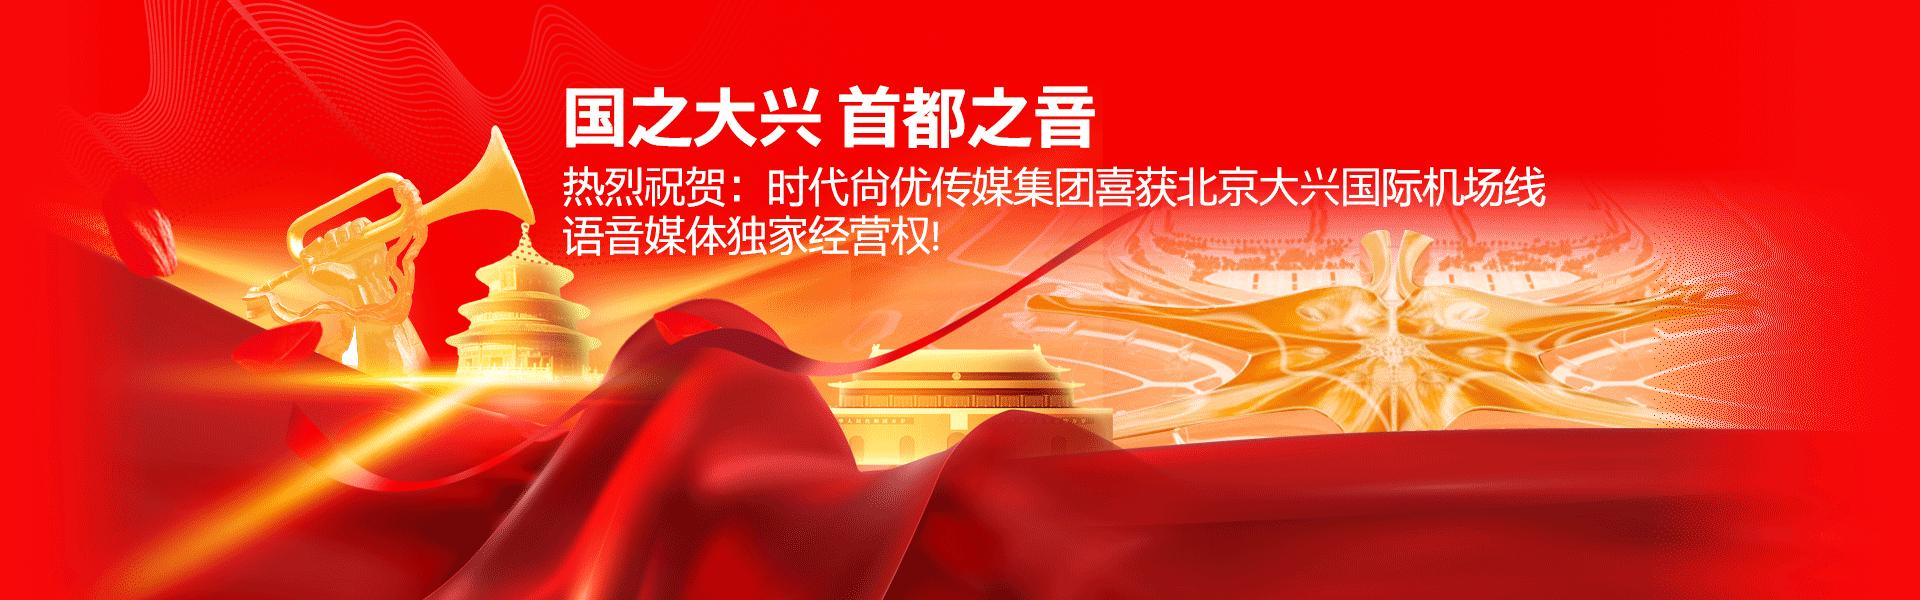 beijing22222